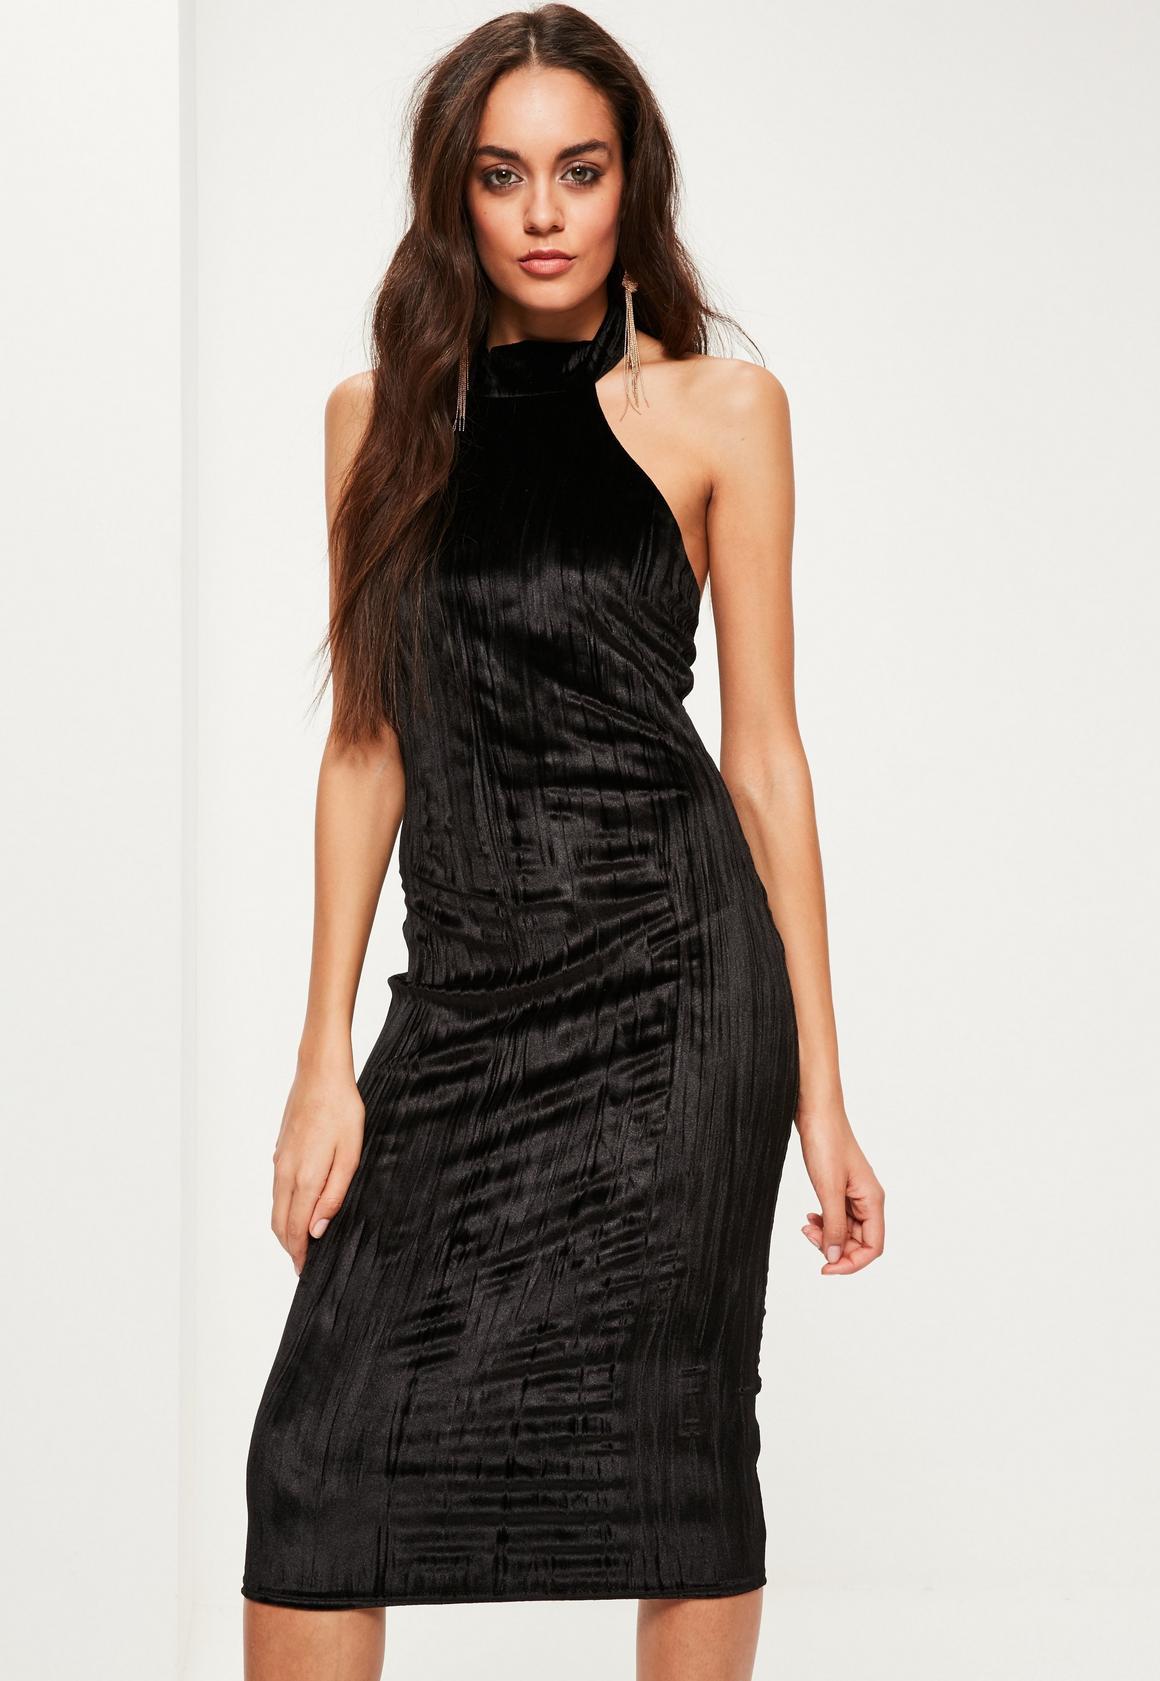 Black dress velvet - Black Pleated Velvet Halterneck Midi Dress Black Pleated Velvet Halterneck Midi Dress